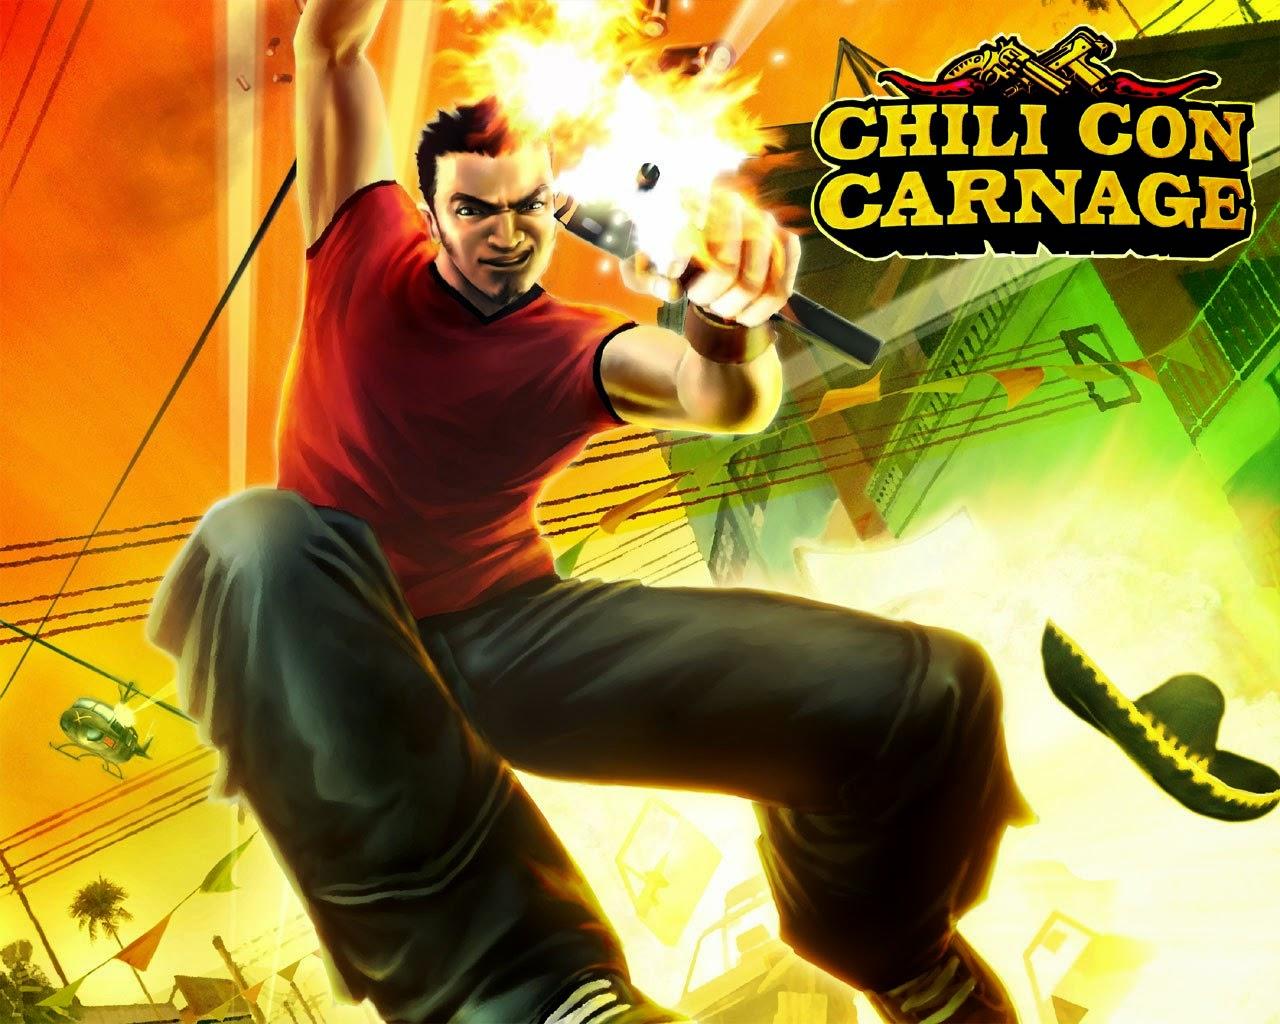 chili carnage psp: